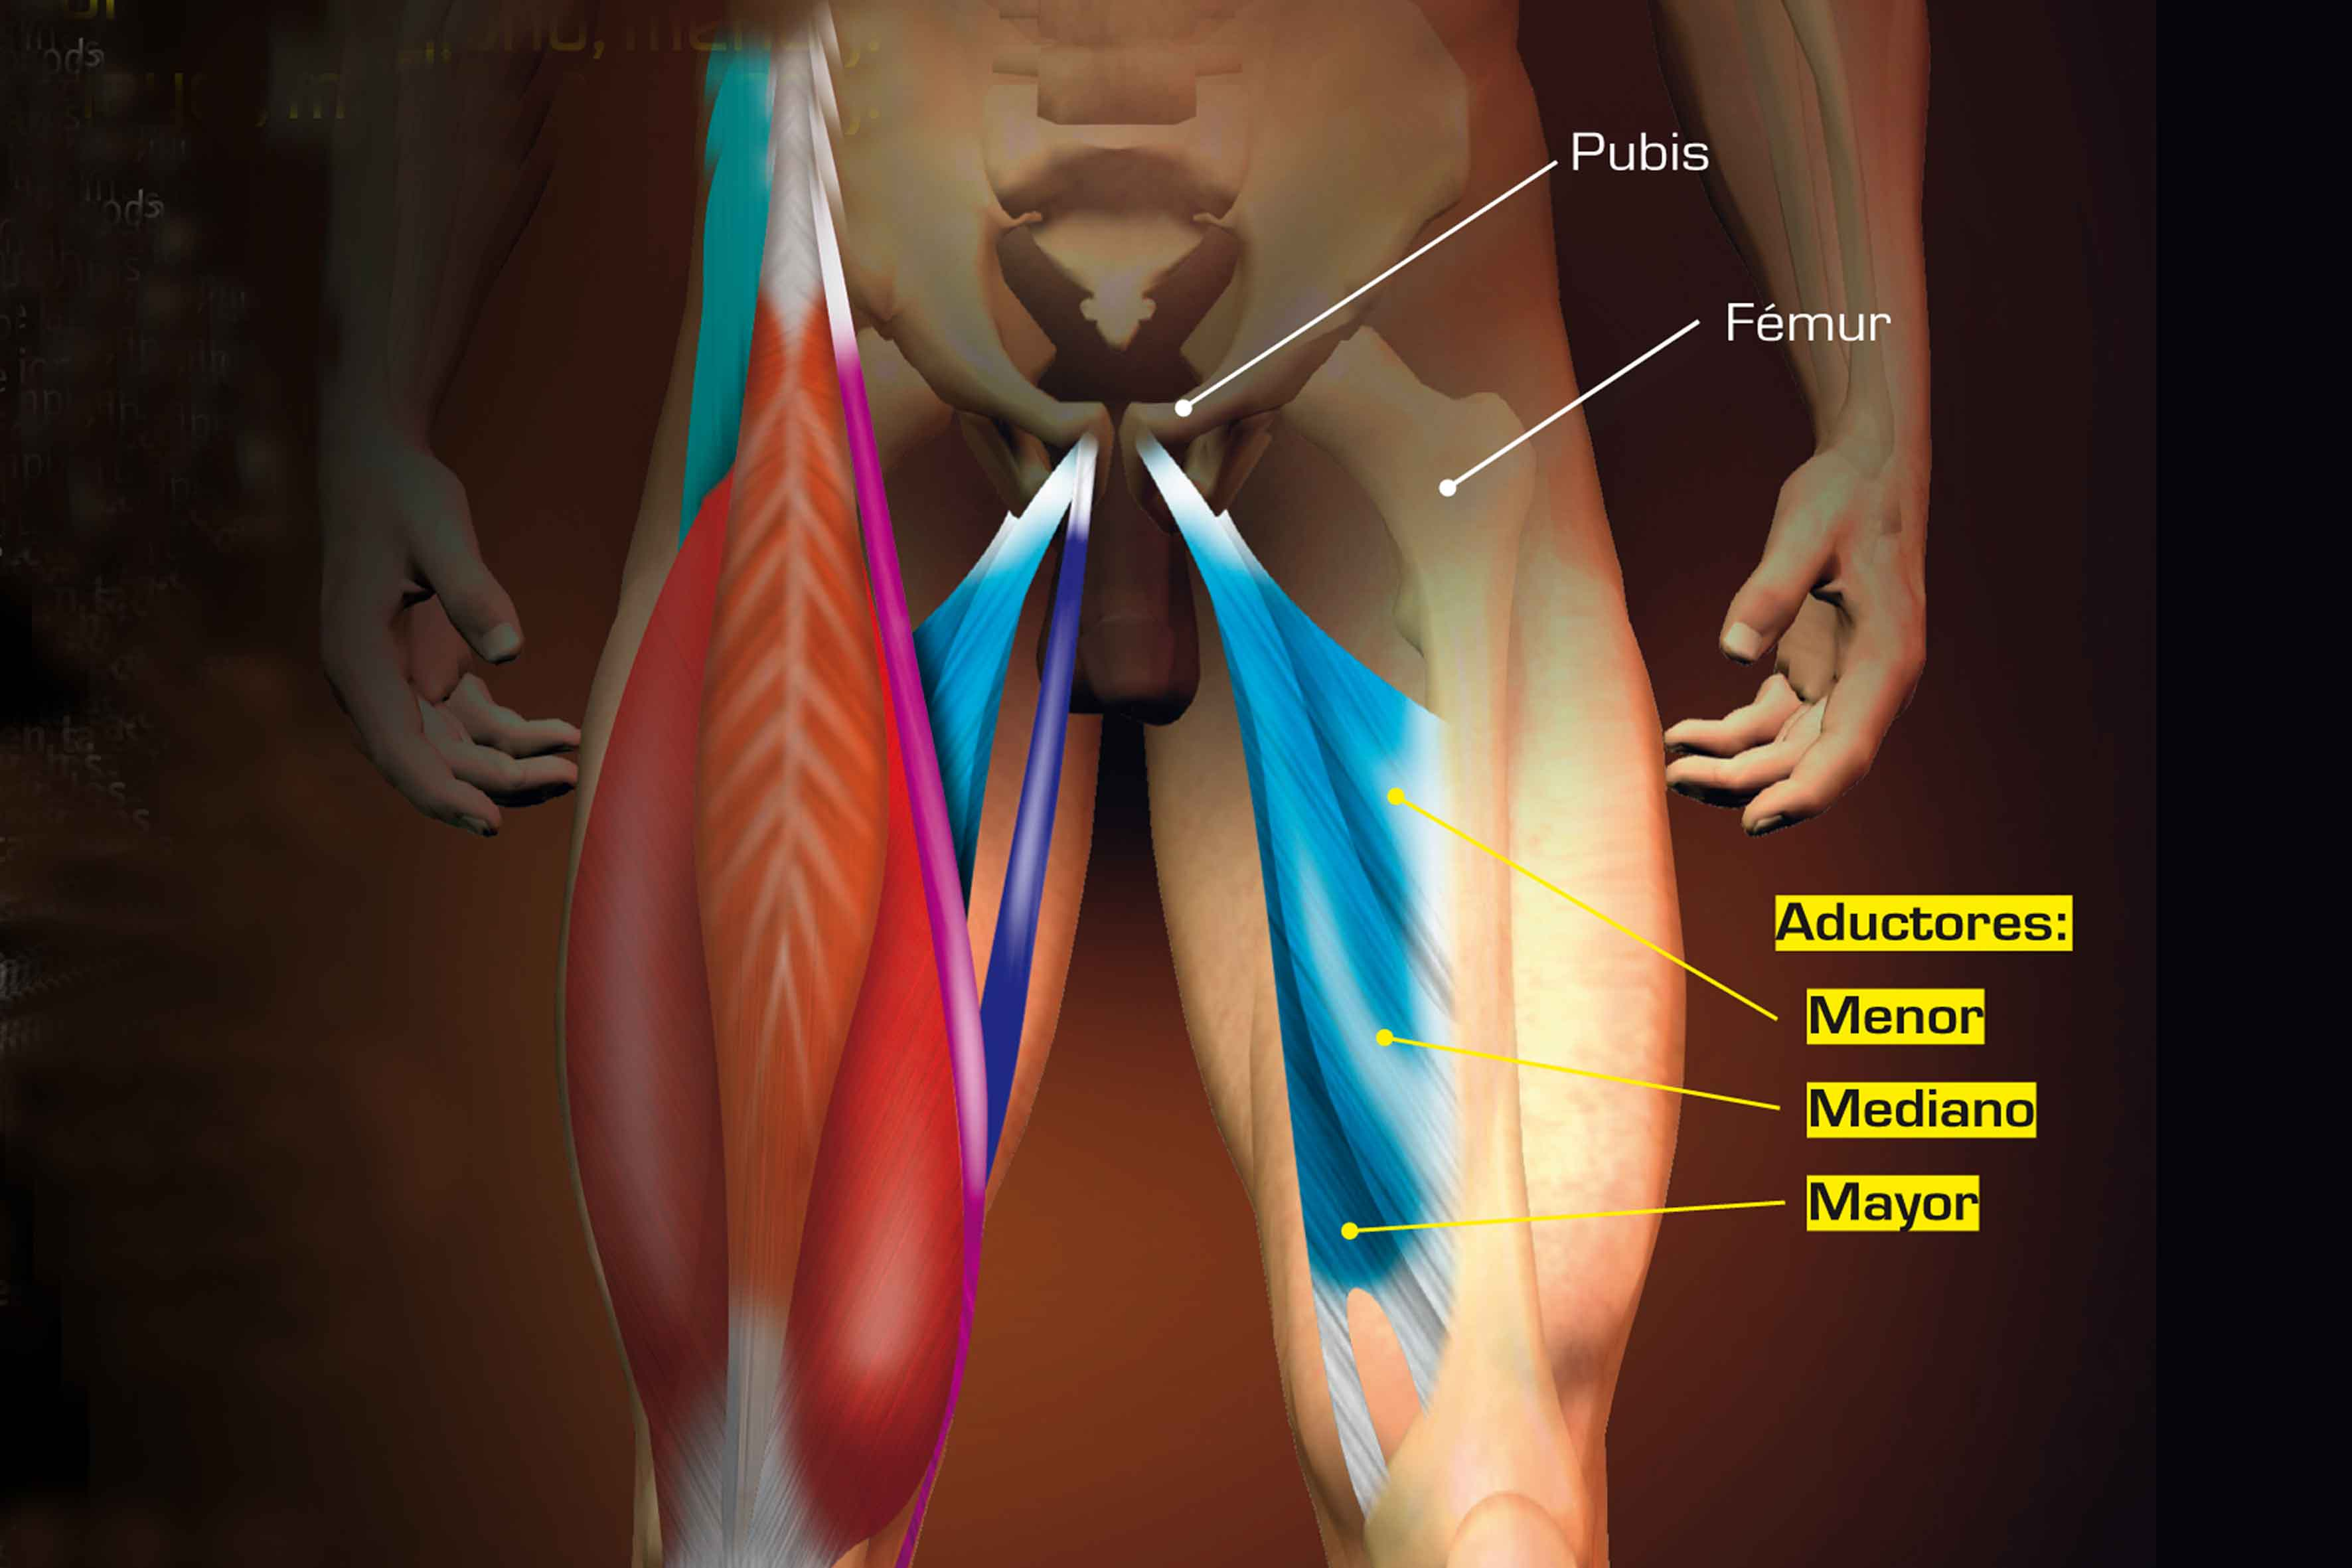 Aductores de piernas